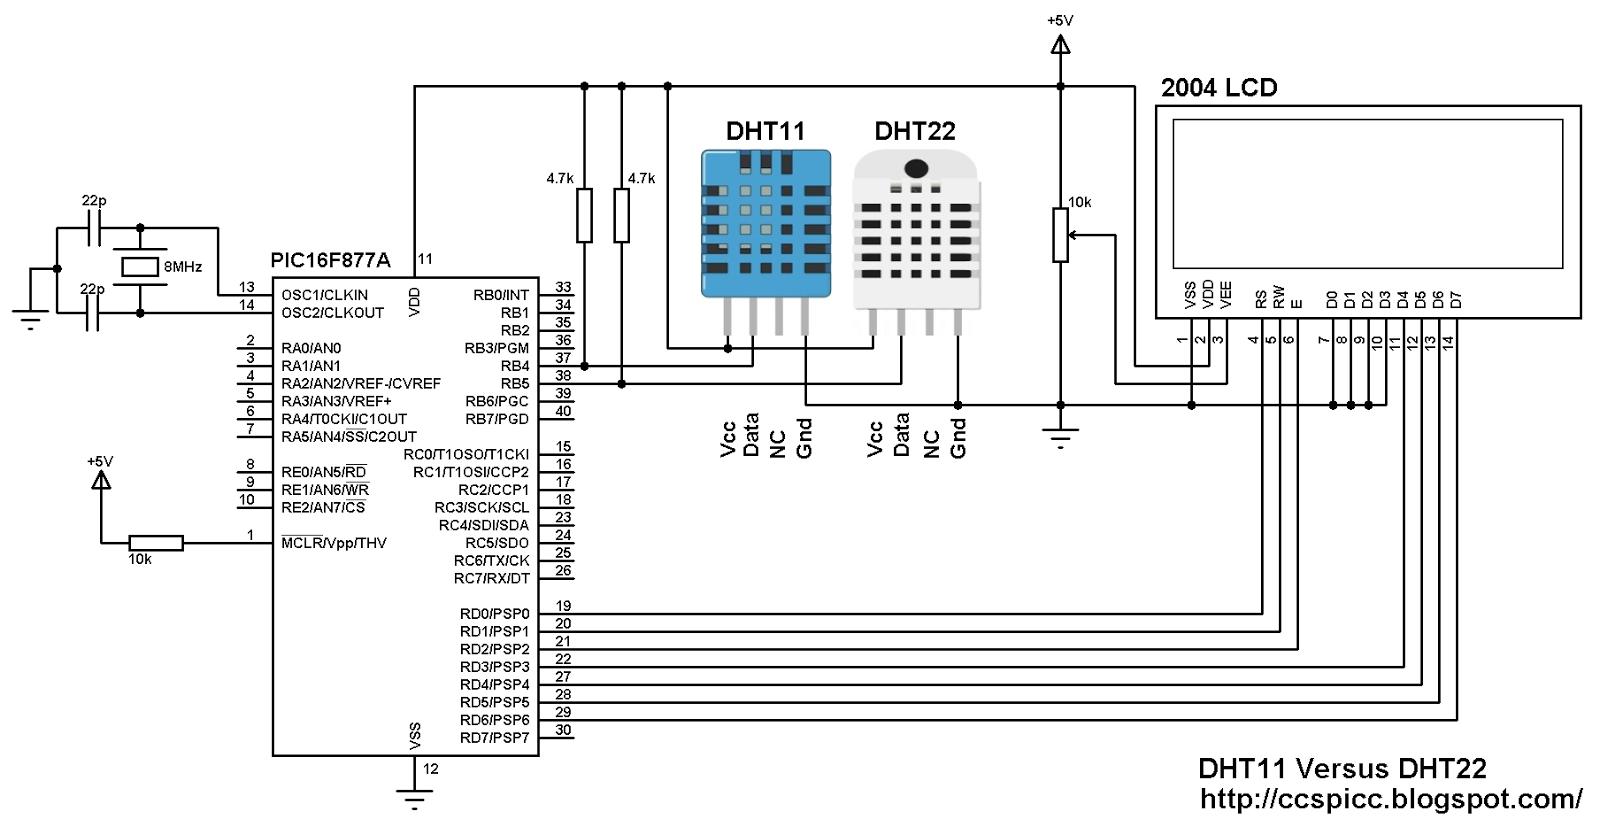 wiringpi dht22 vs dht11